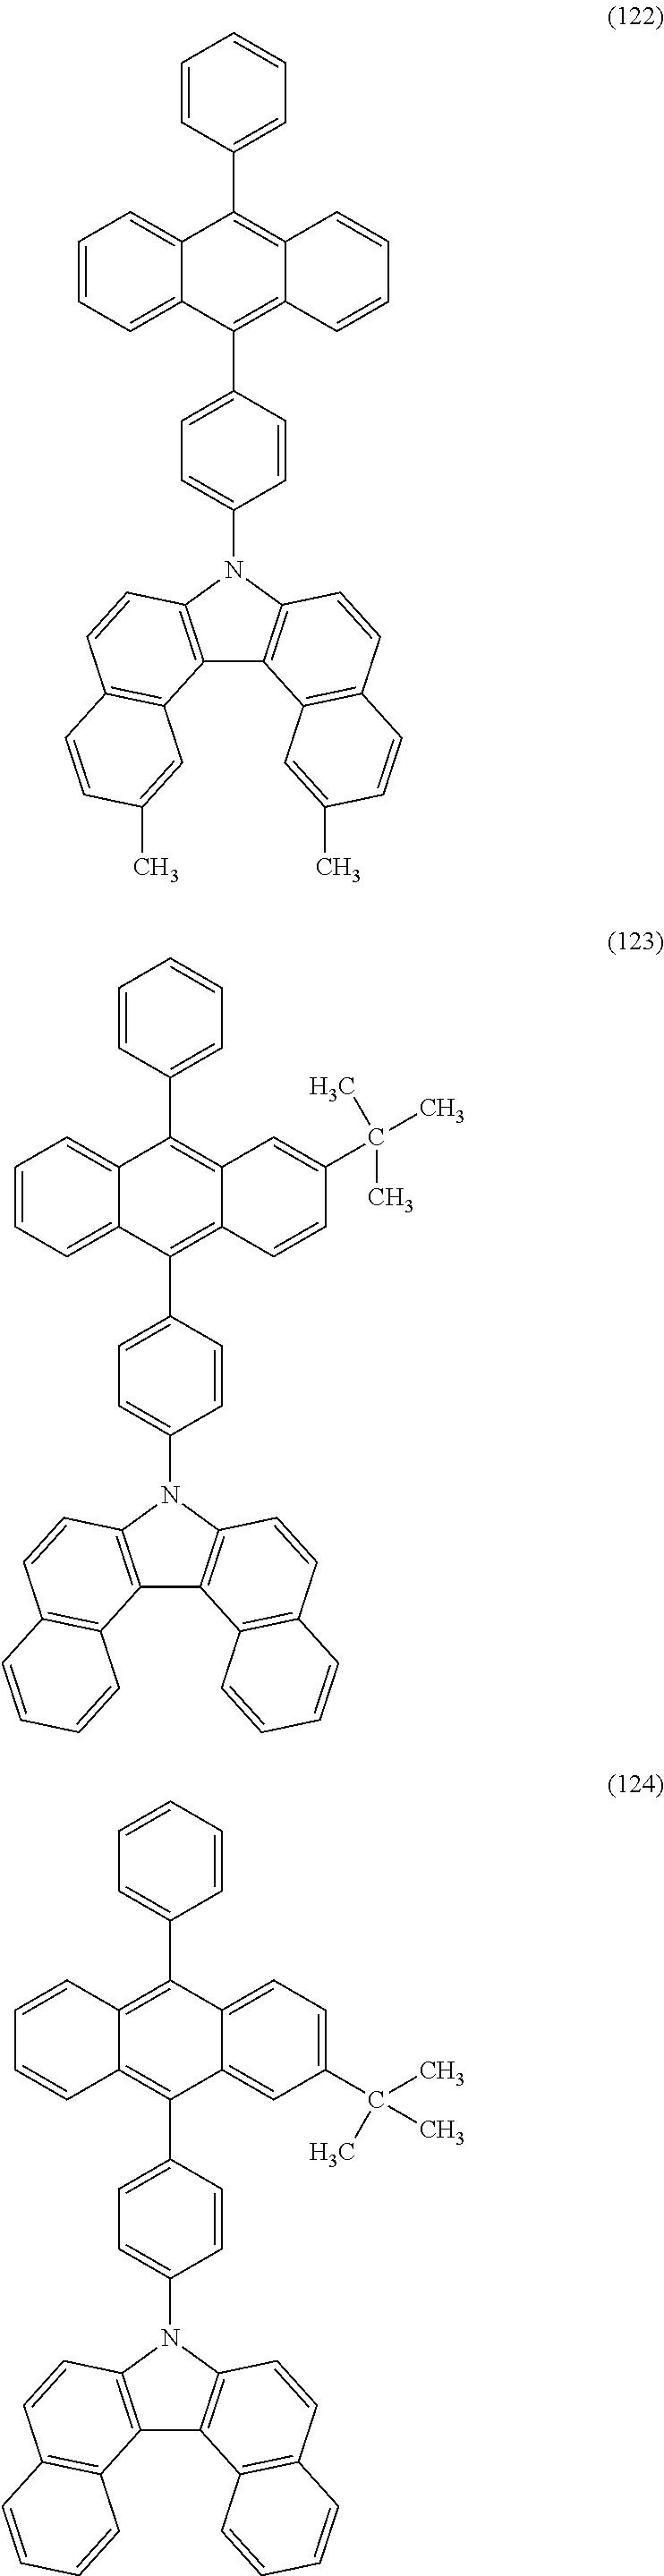 Figure US09240558-20160119-C00052